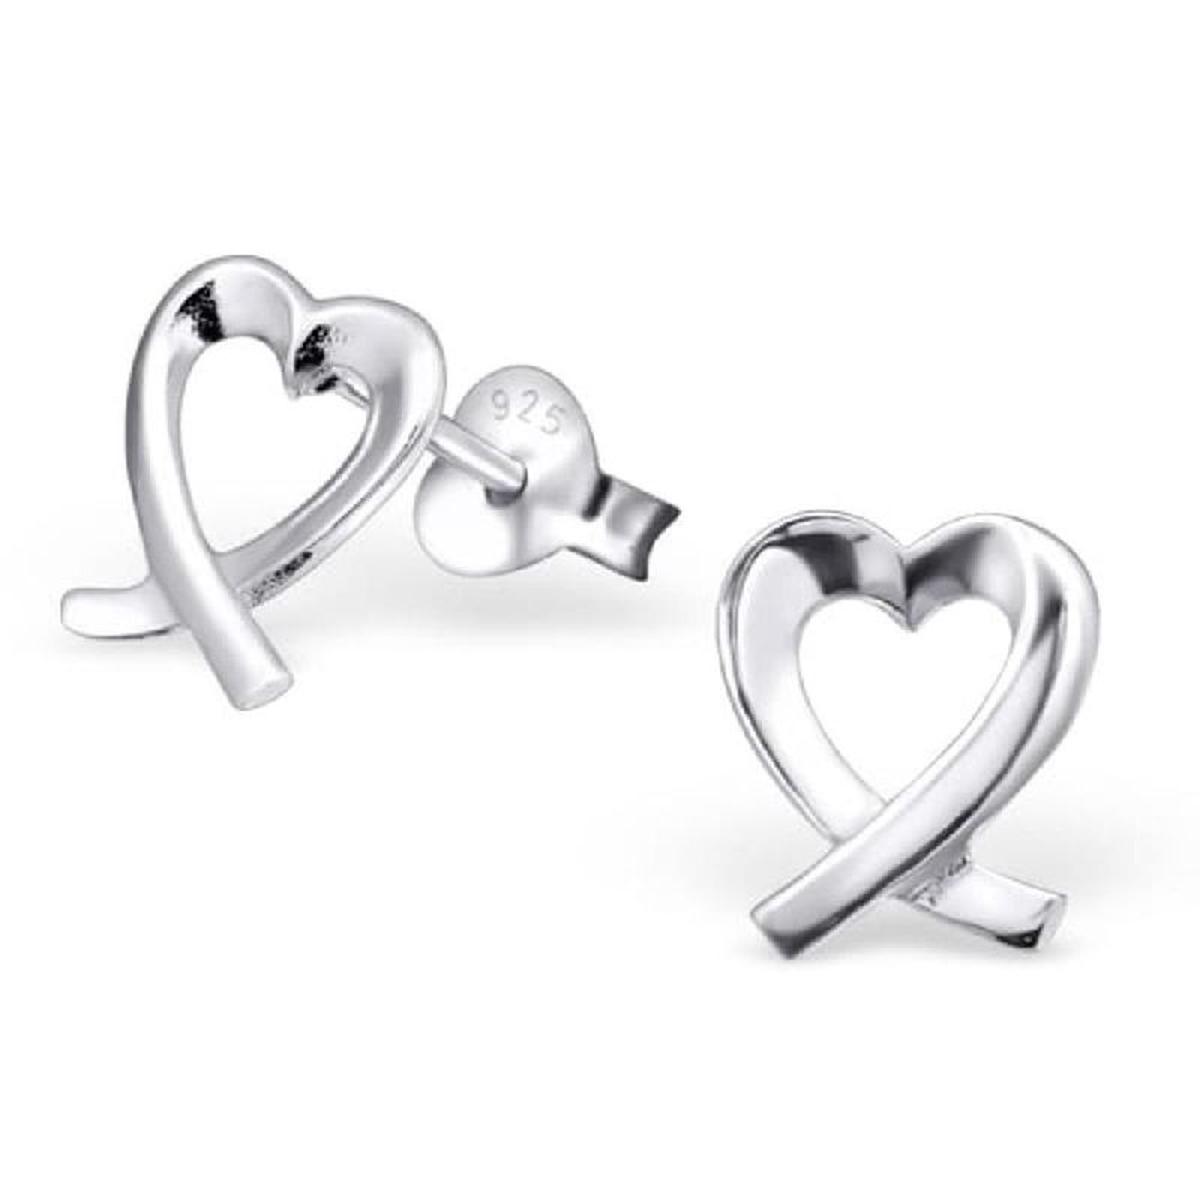 Boucles d'oreilles Coeur Argent 925